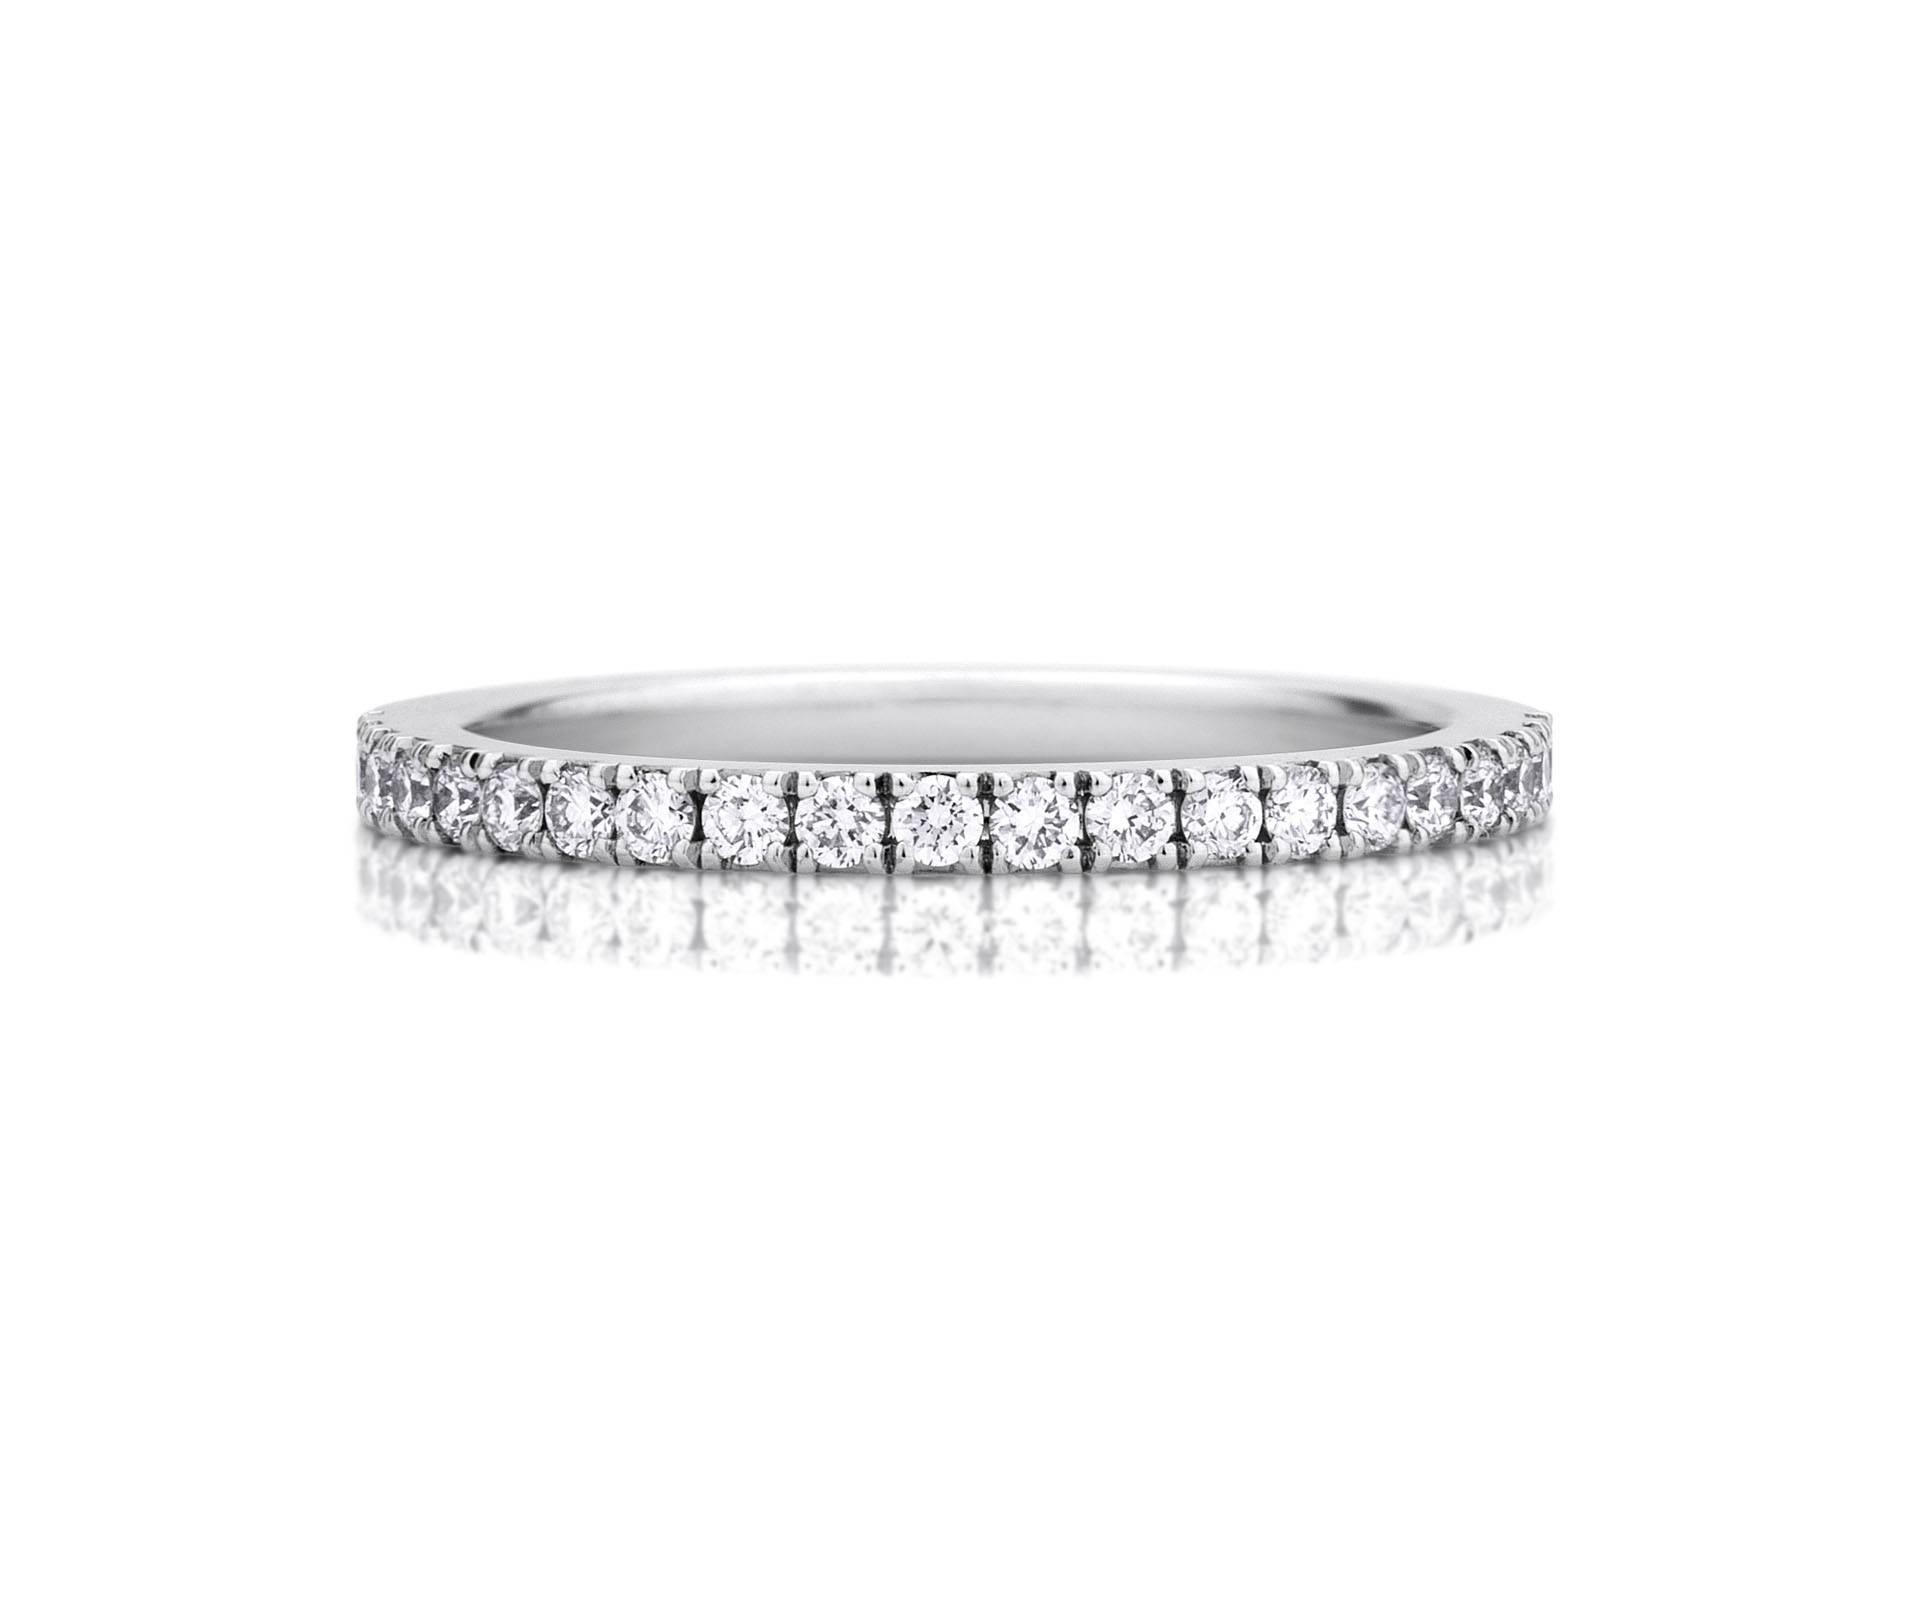 Diamond Wedding Rings & Bands | De Beers Regarding Most Recently Released Diamonds Wedding Bands (Gallery 7 of 15)